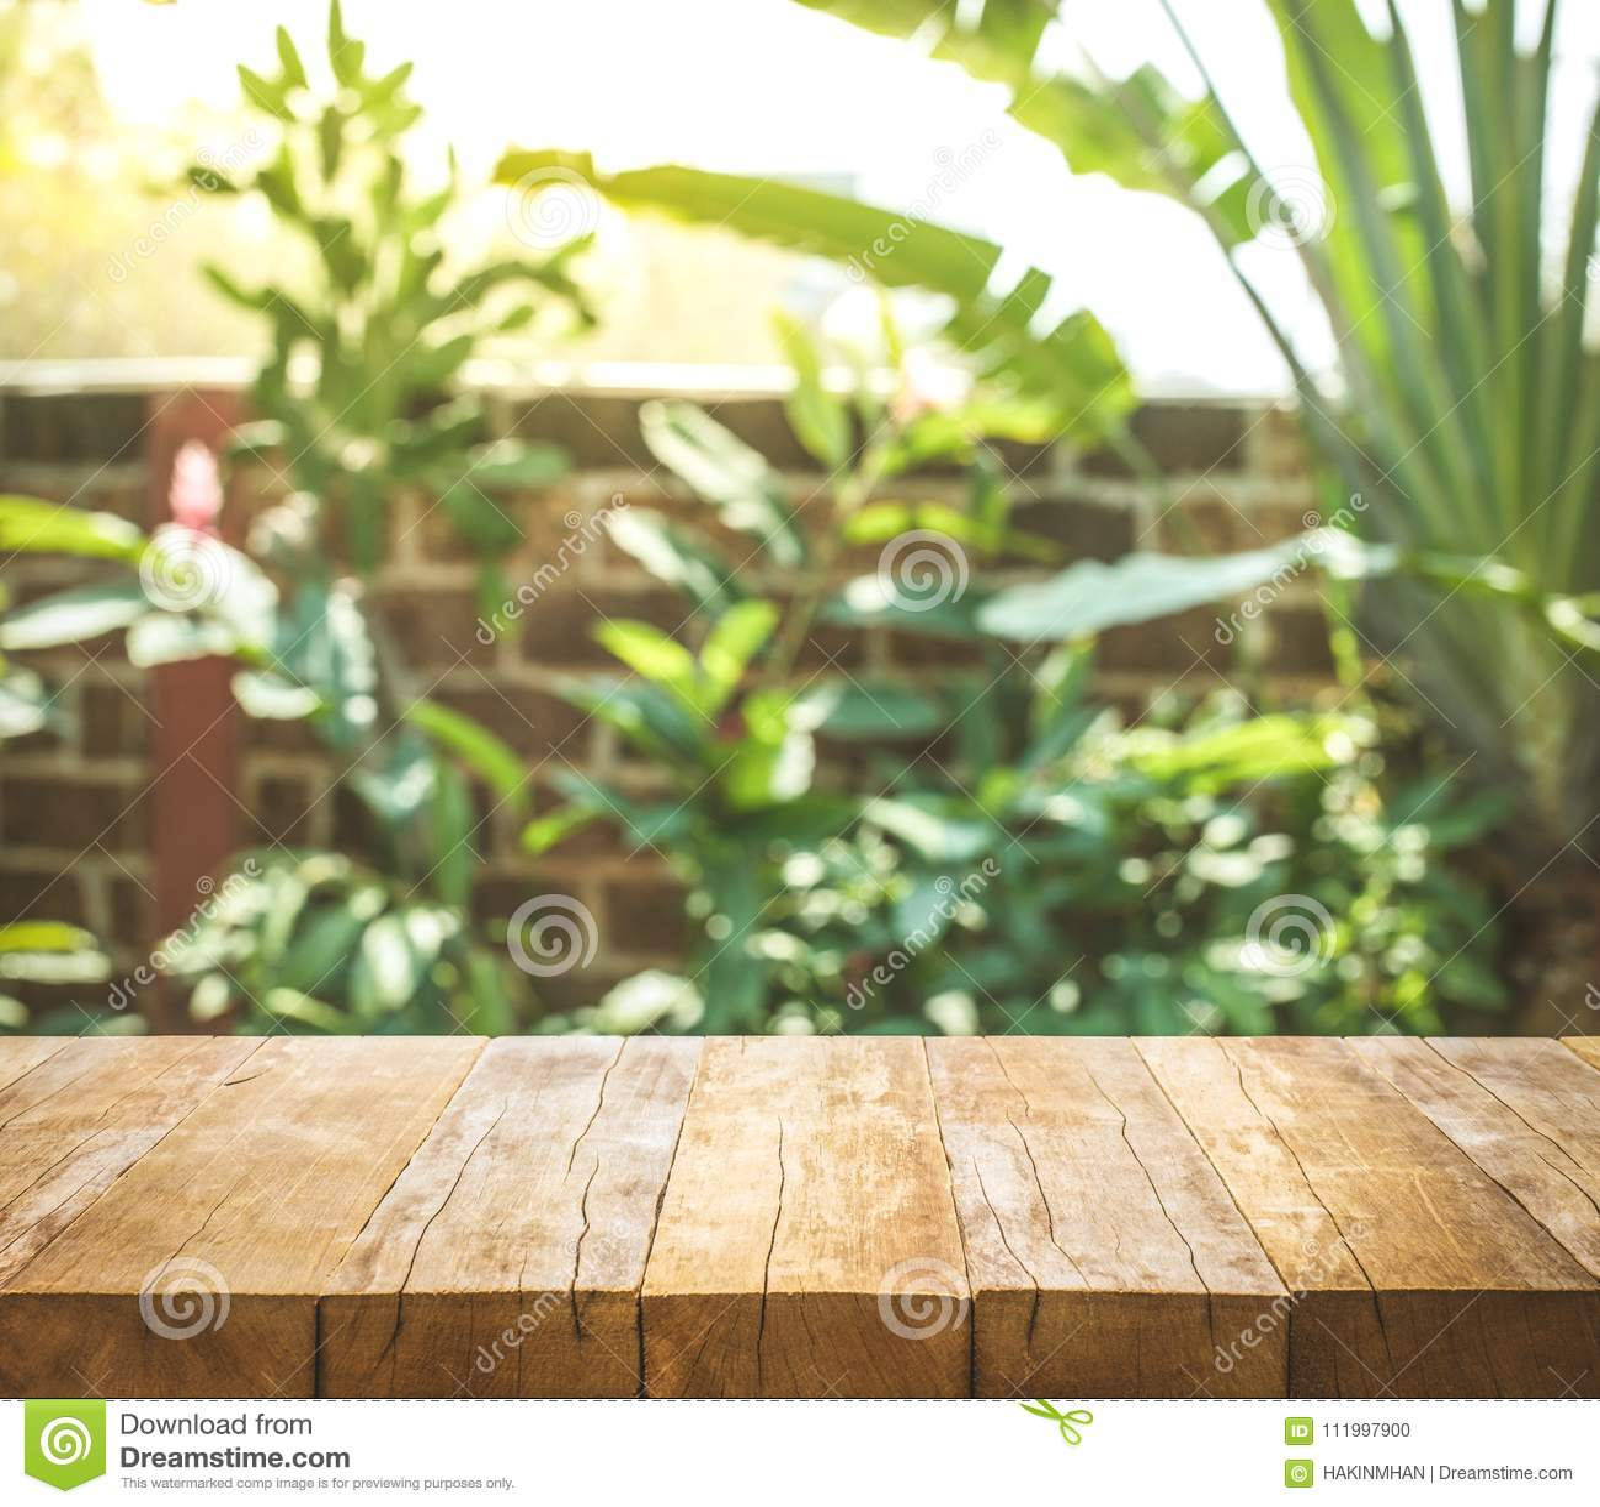 Tampo da mesa de madeira vazio no fundo do jardim e da casa do sumário do borrão